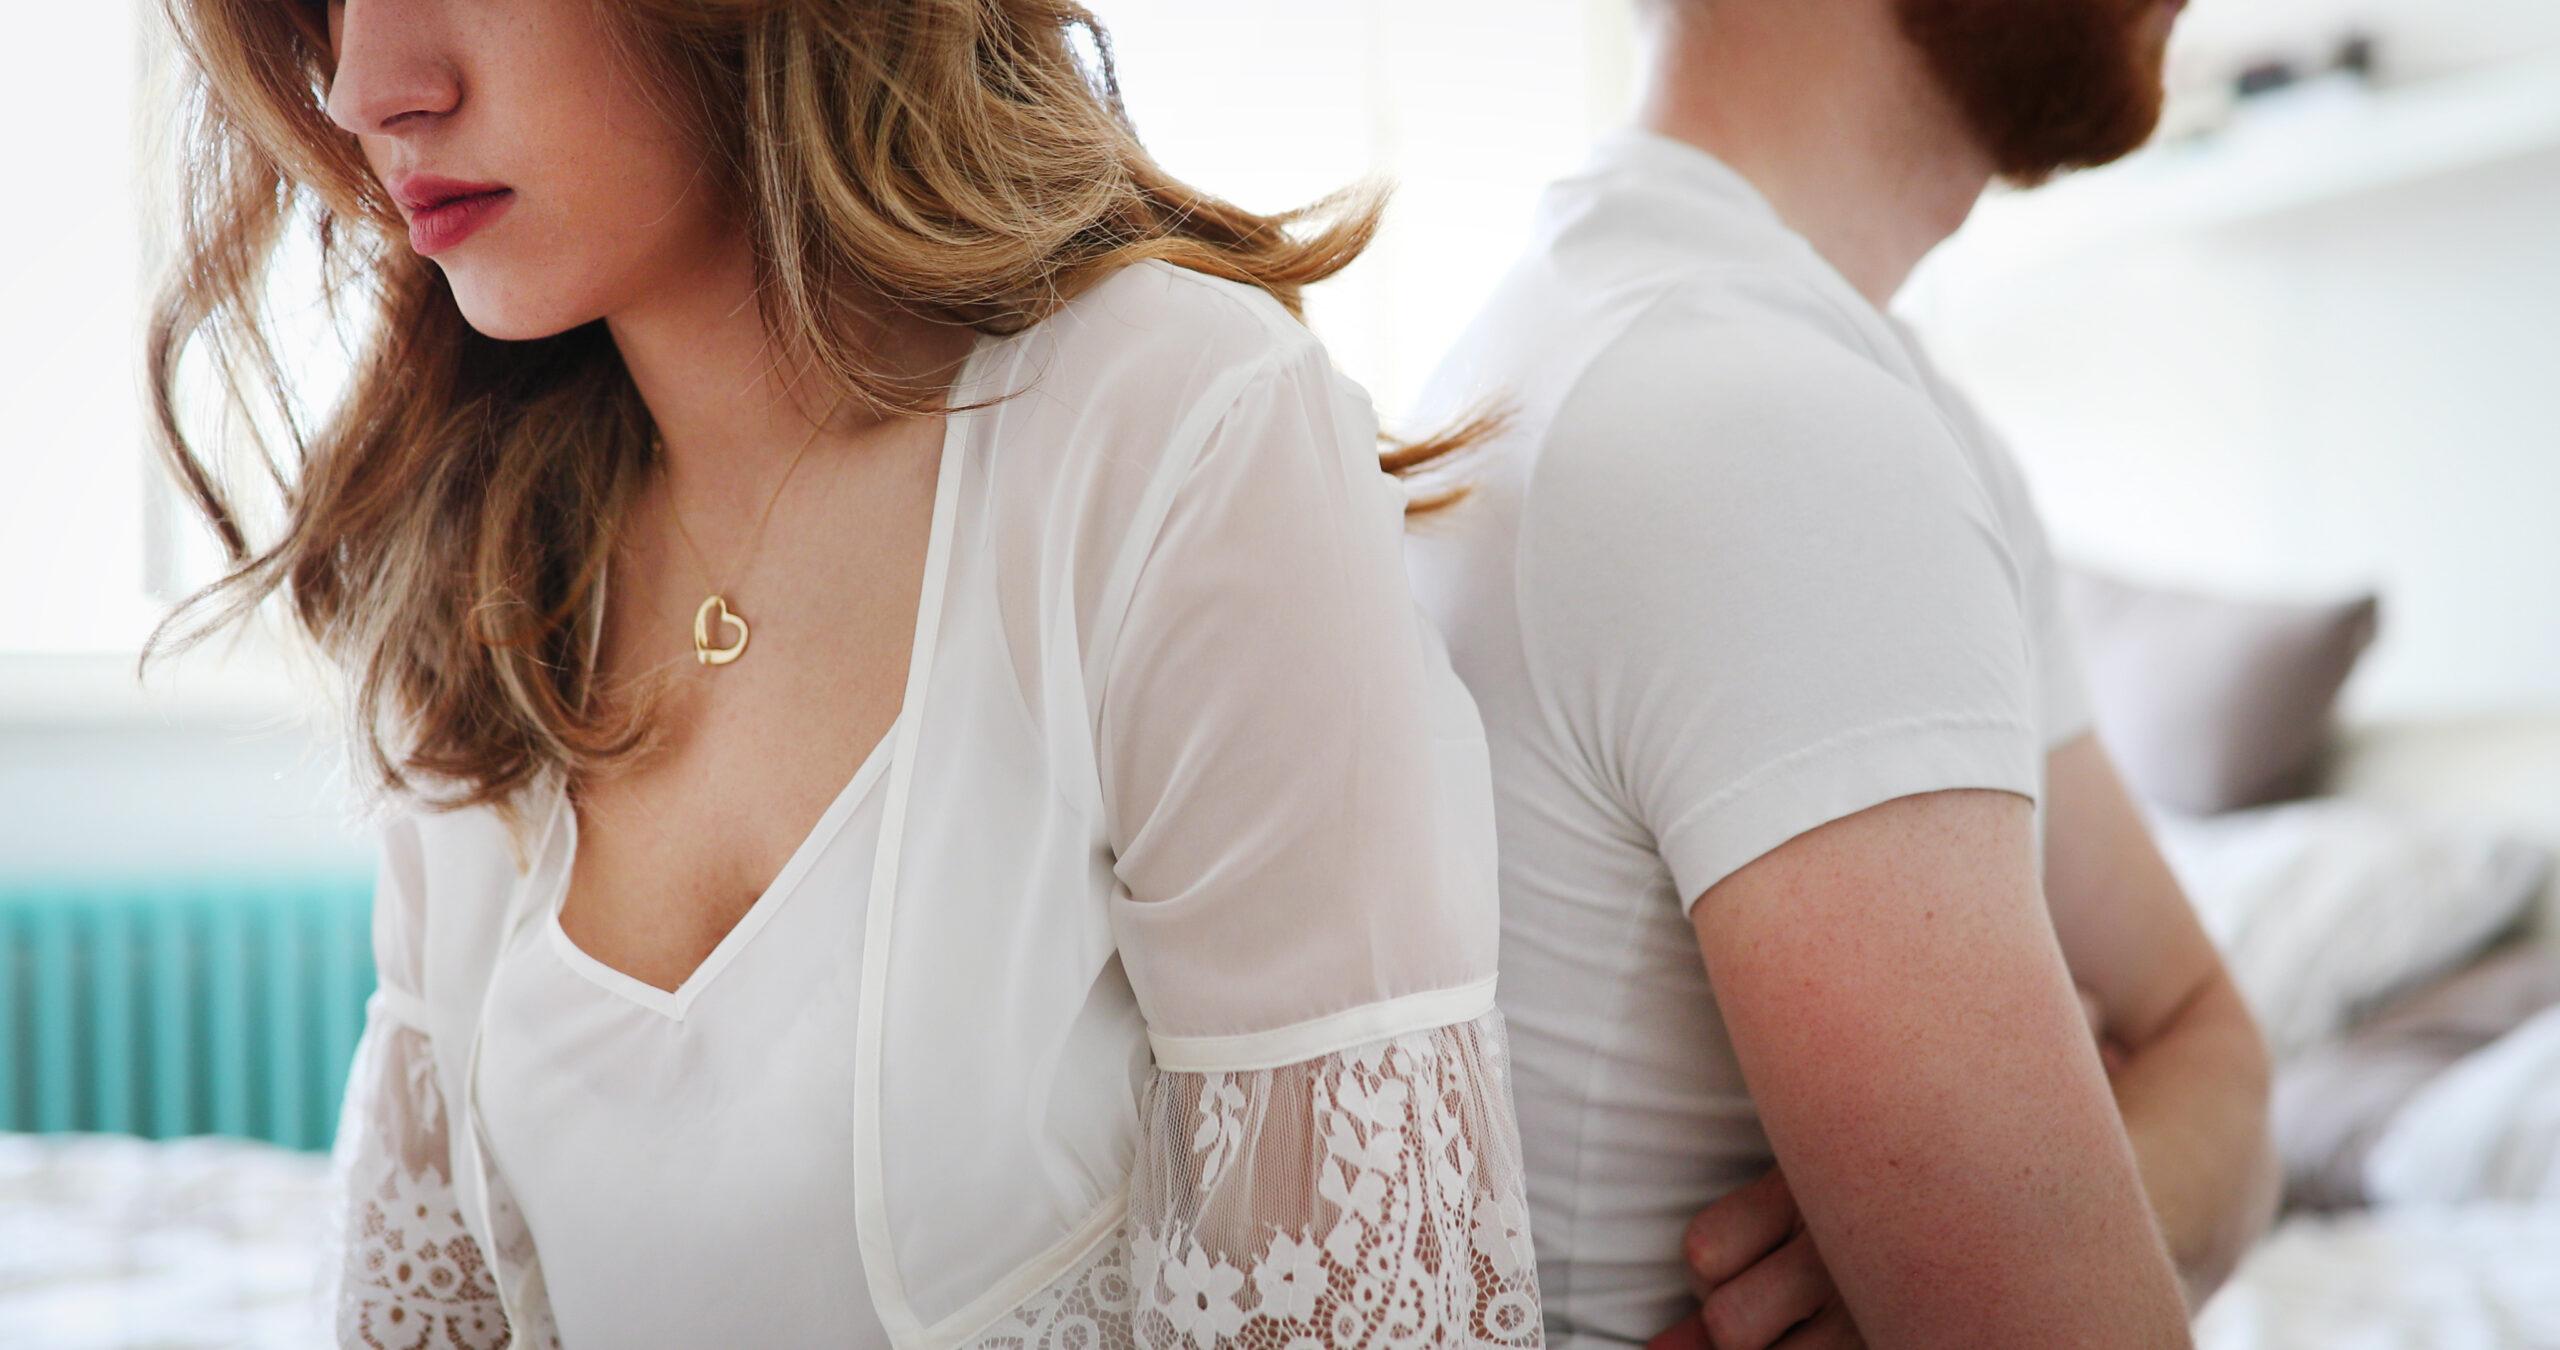 感覺在婚姻裡受到束縛,後悔不該結婚